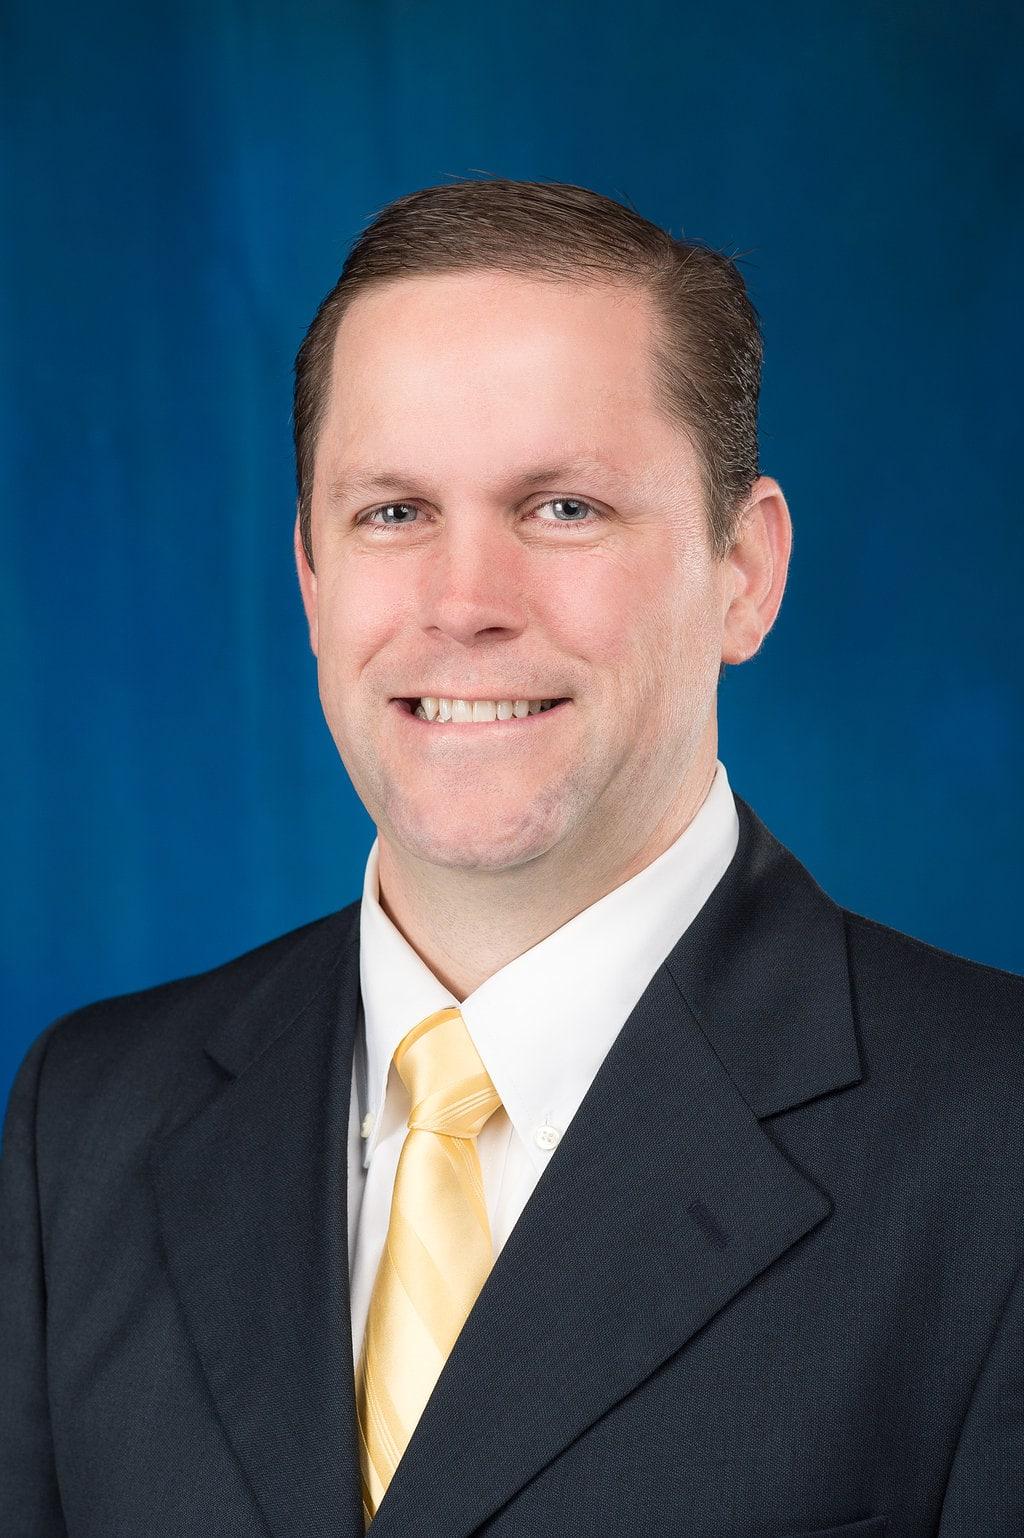 Shawn M Weigel, DO Ophthalmology